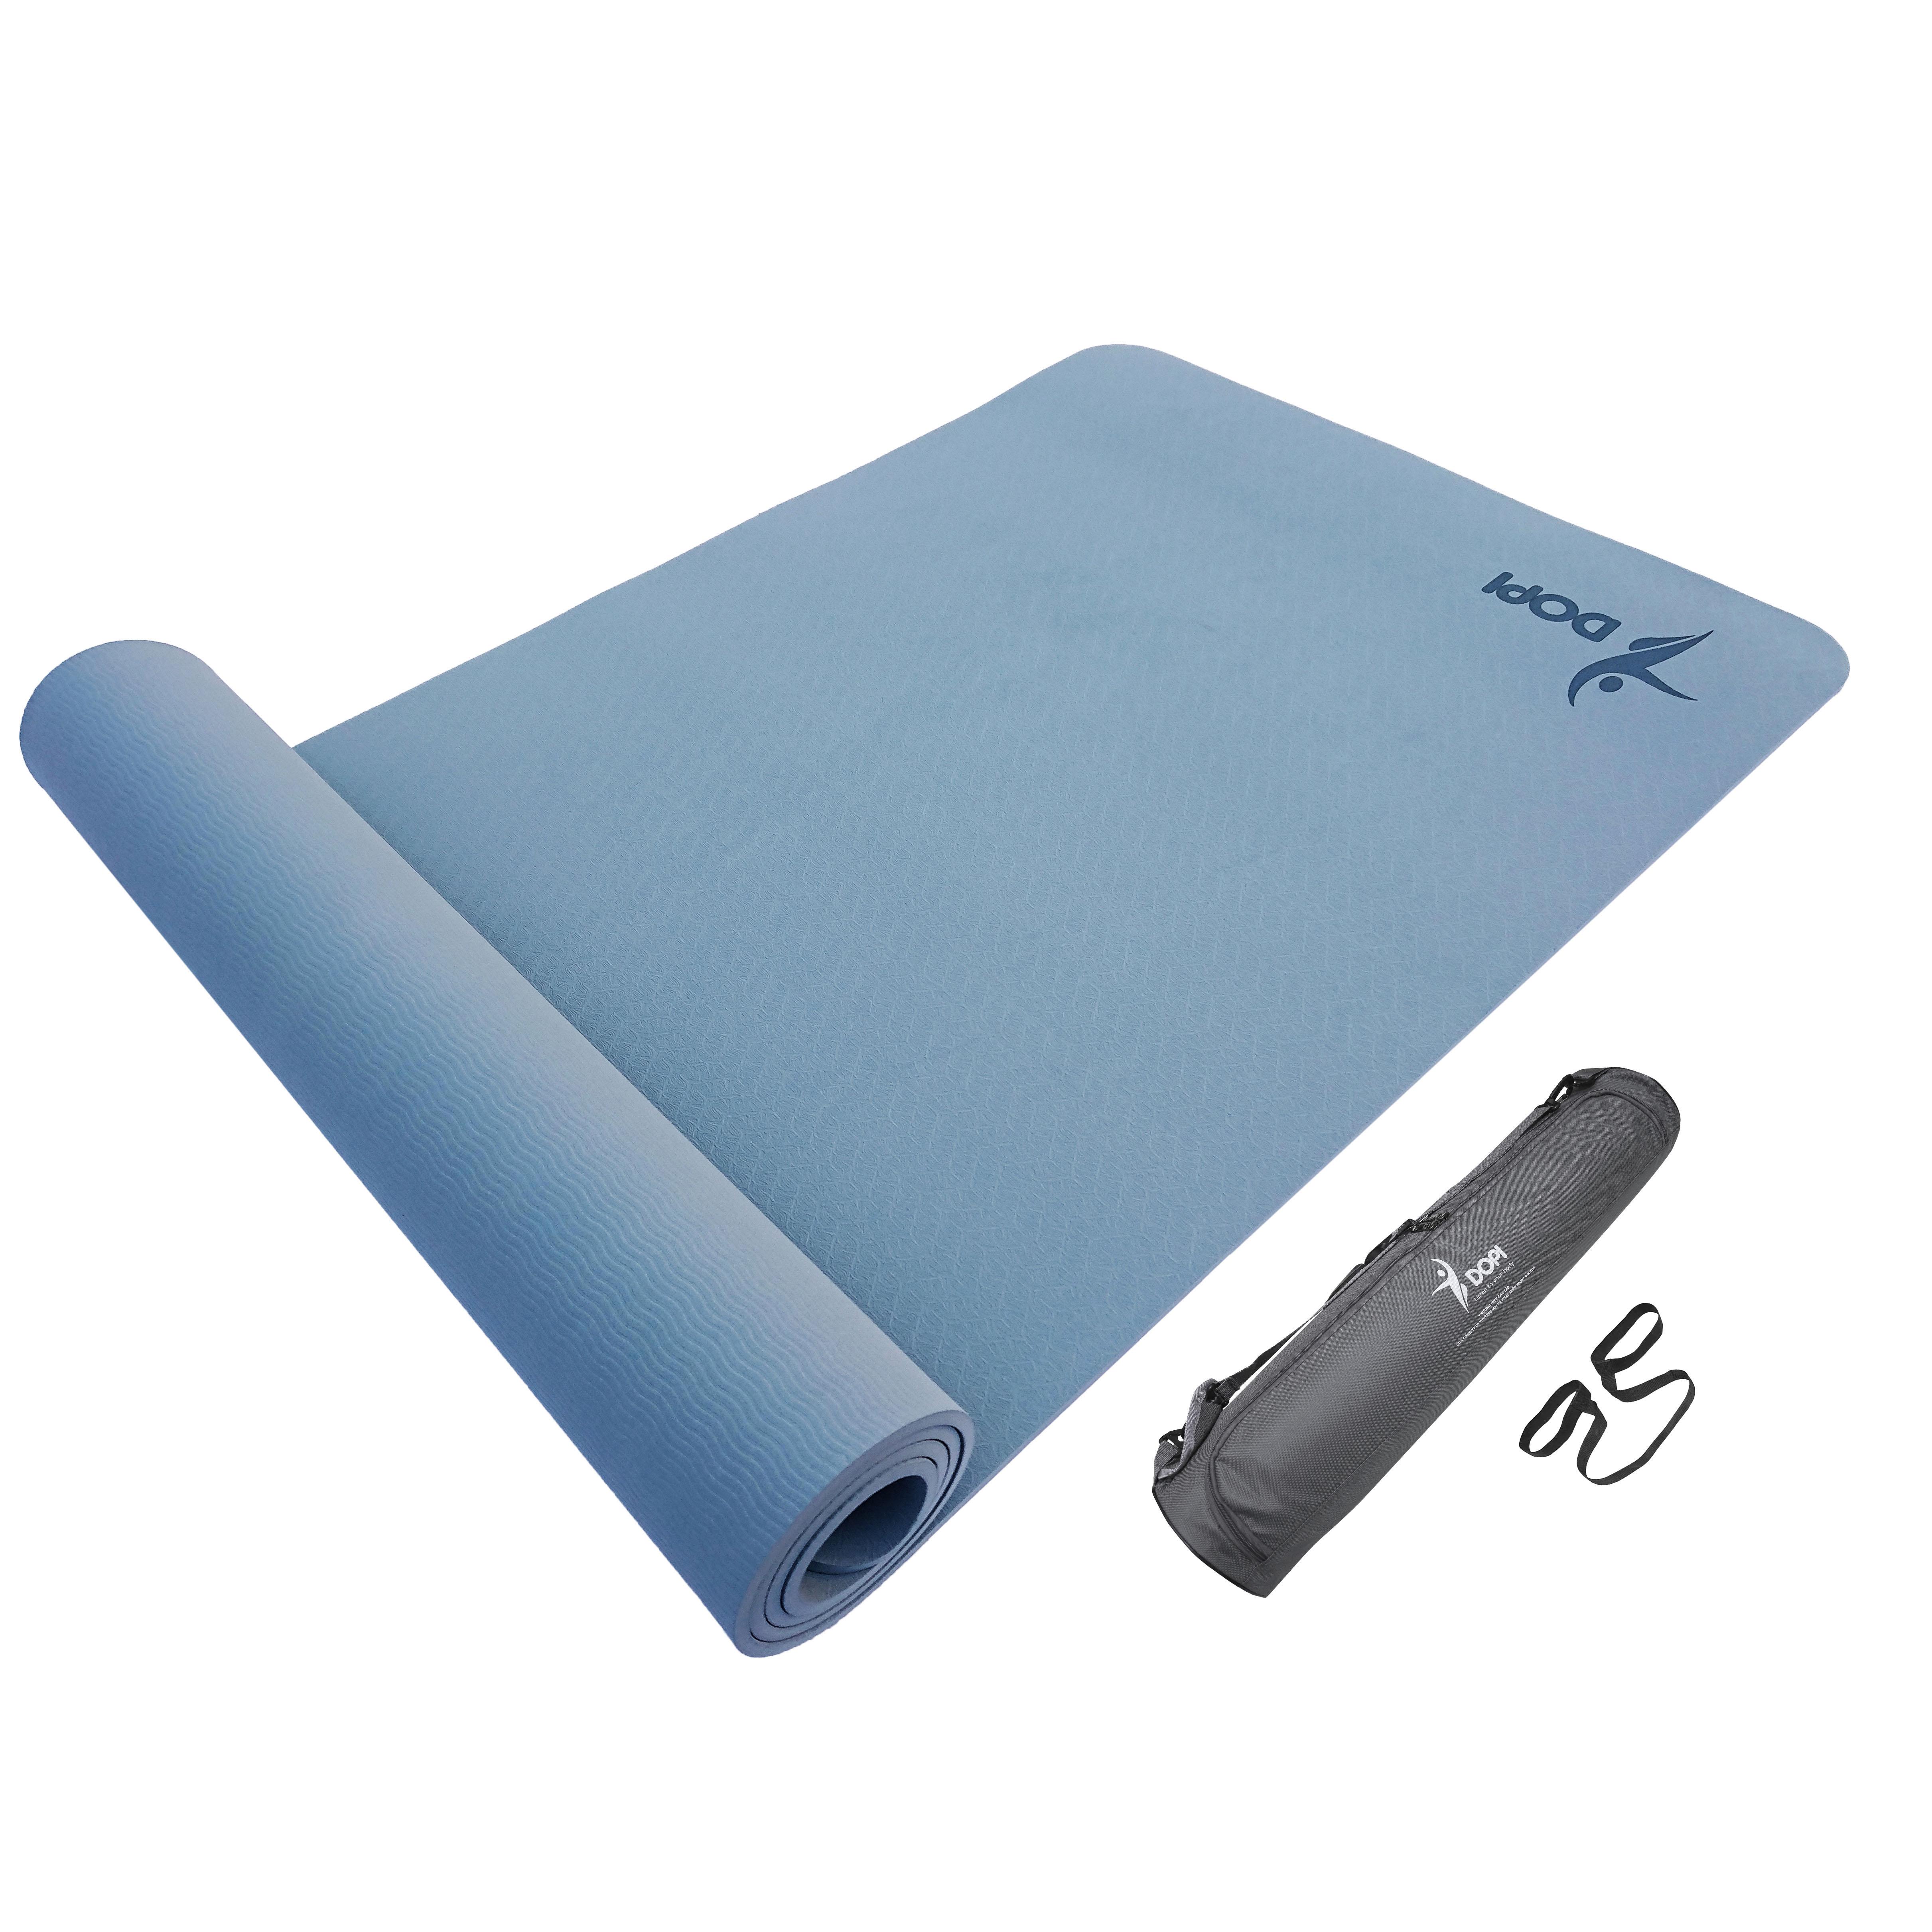 Hình ảnh Thảm tập yoga DOPI cao cấp siêu bám DP3505 tặng kèm túi và dây